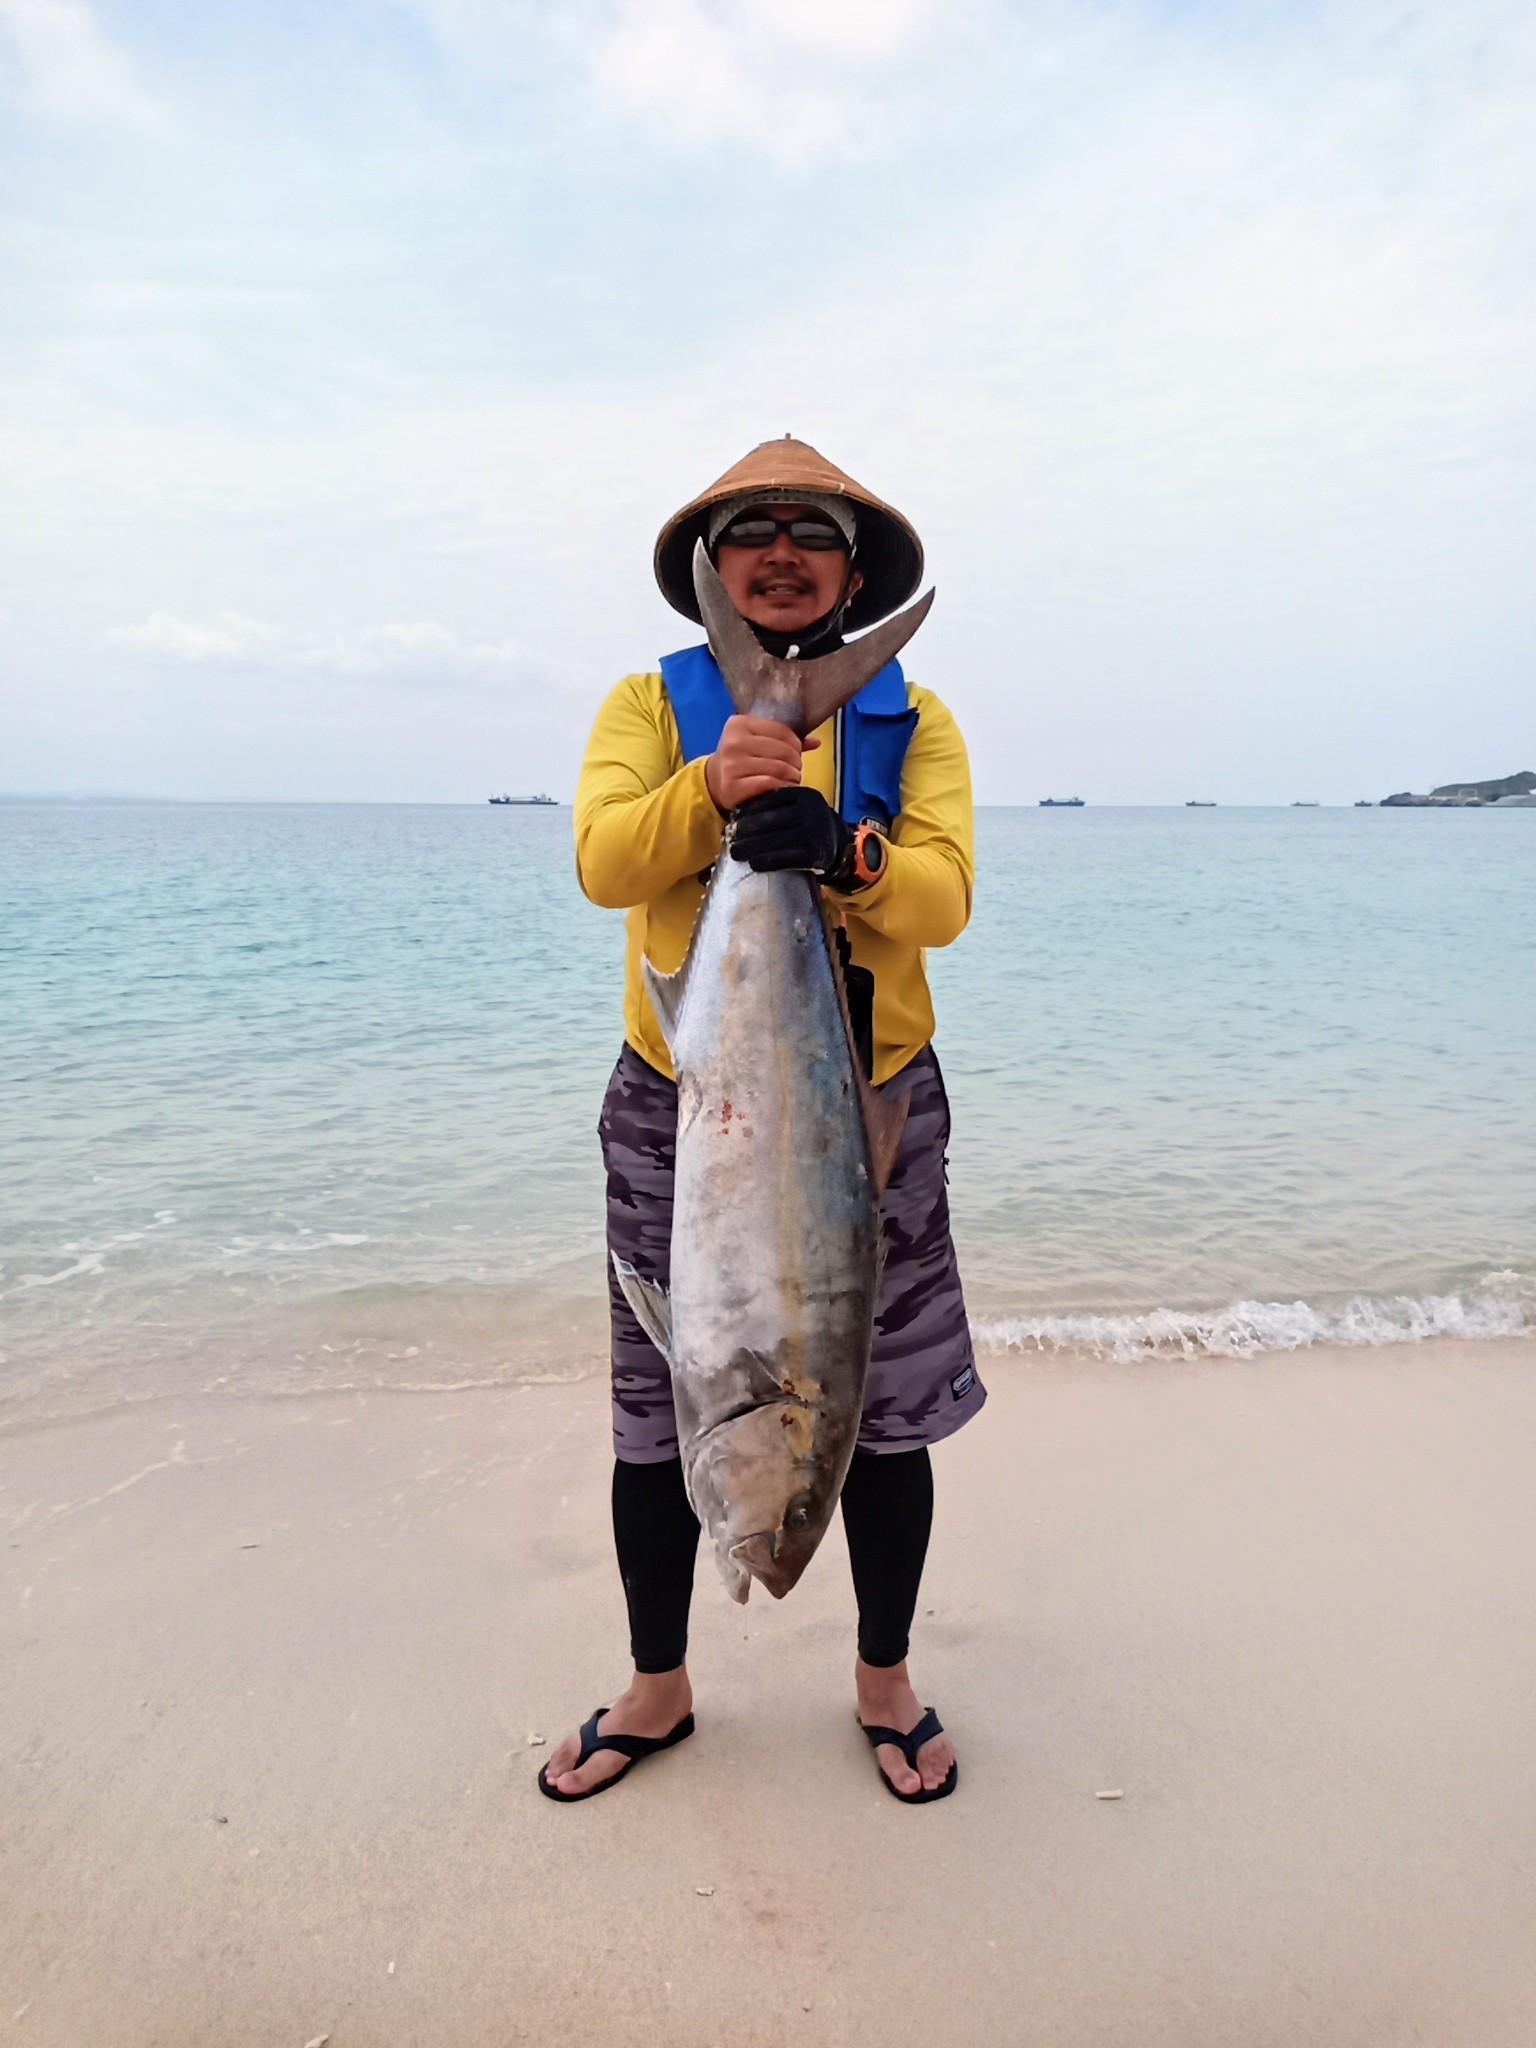 沖縄県・名護湾でのジギングで12.4kgカンパチ